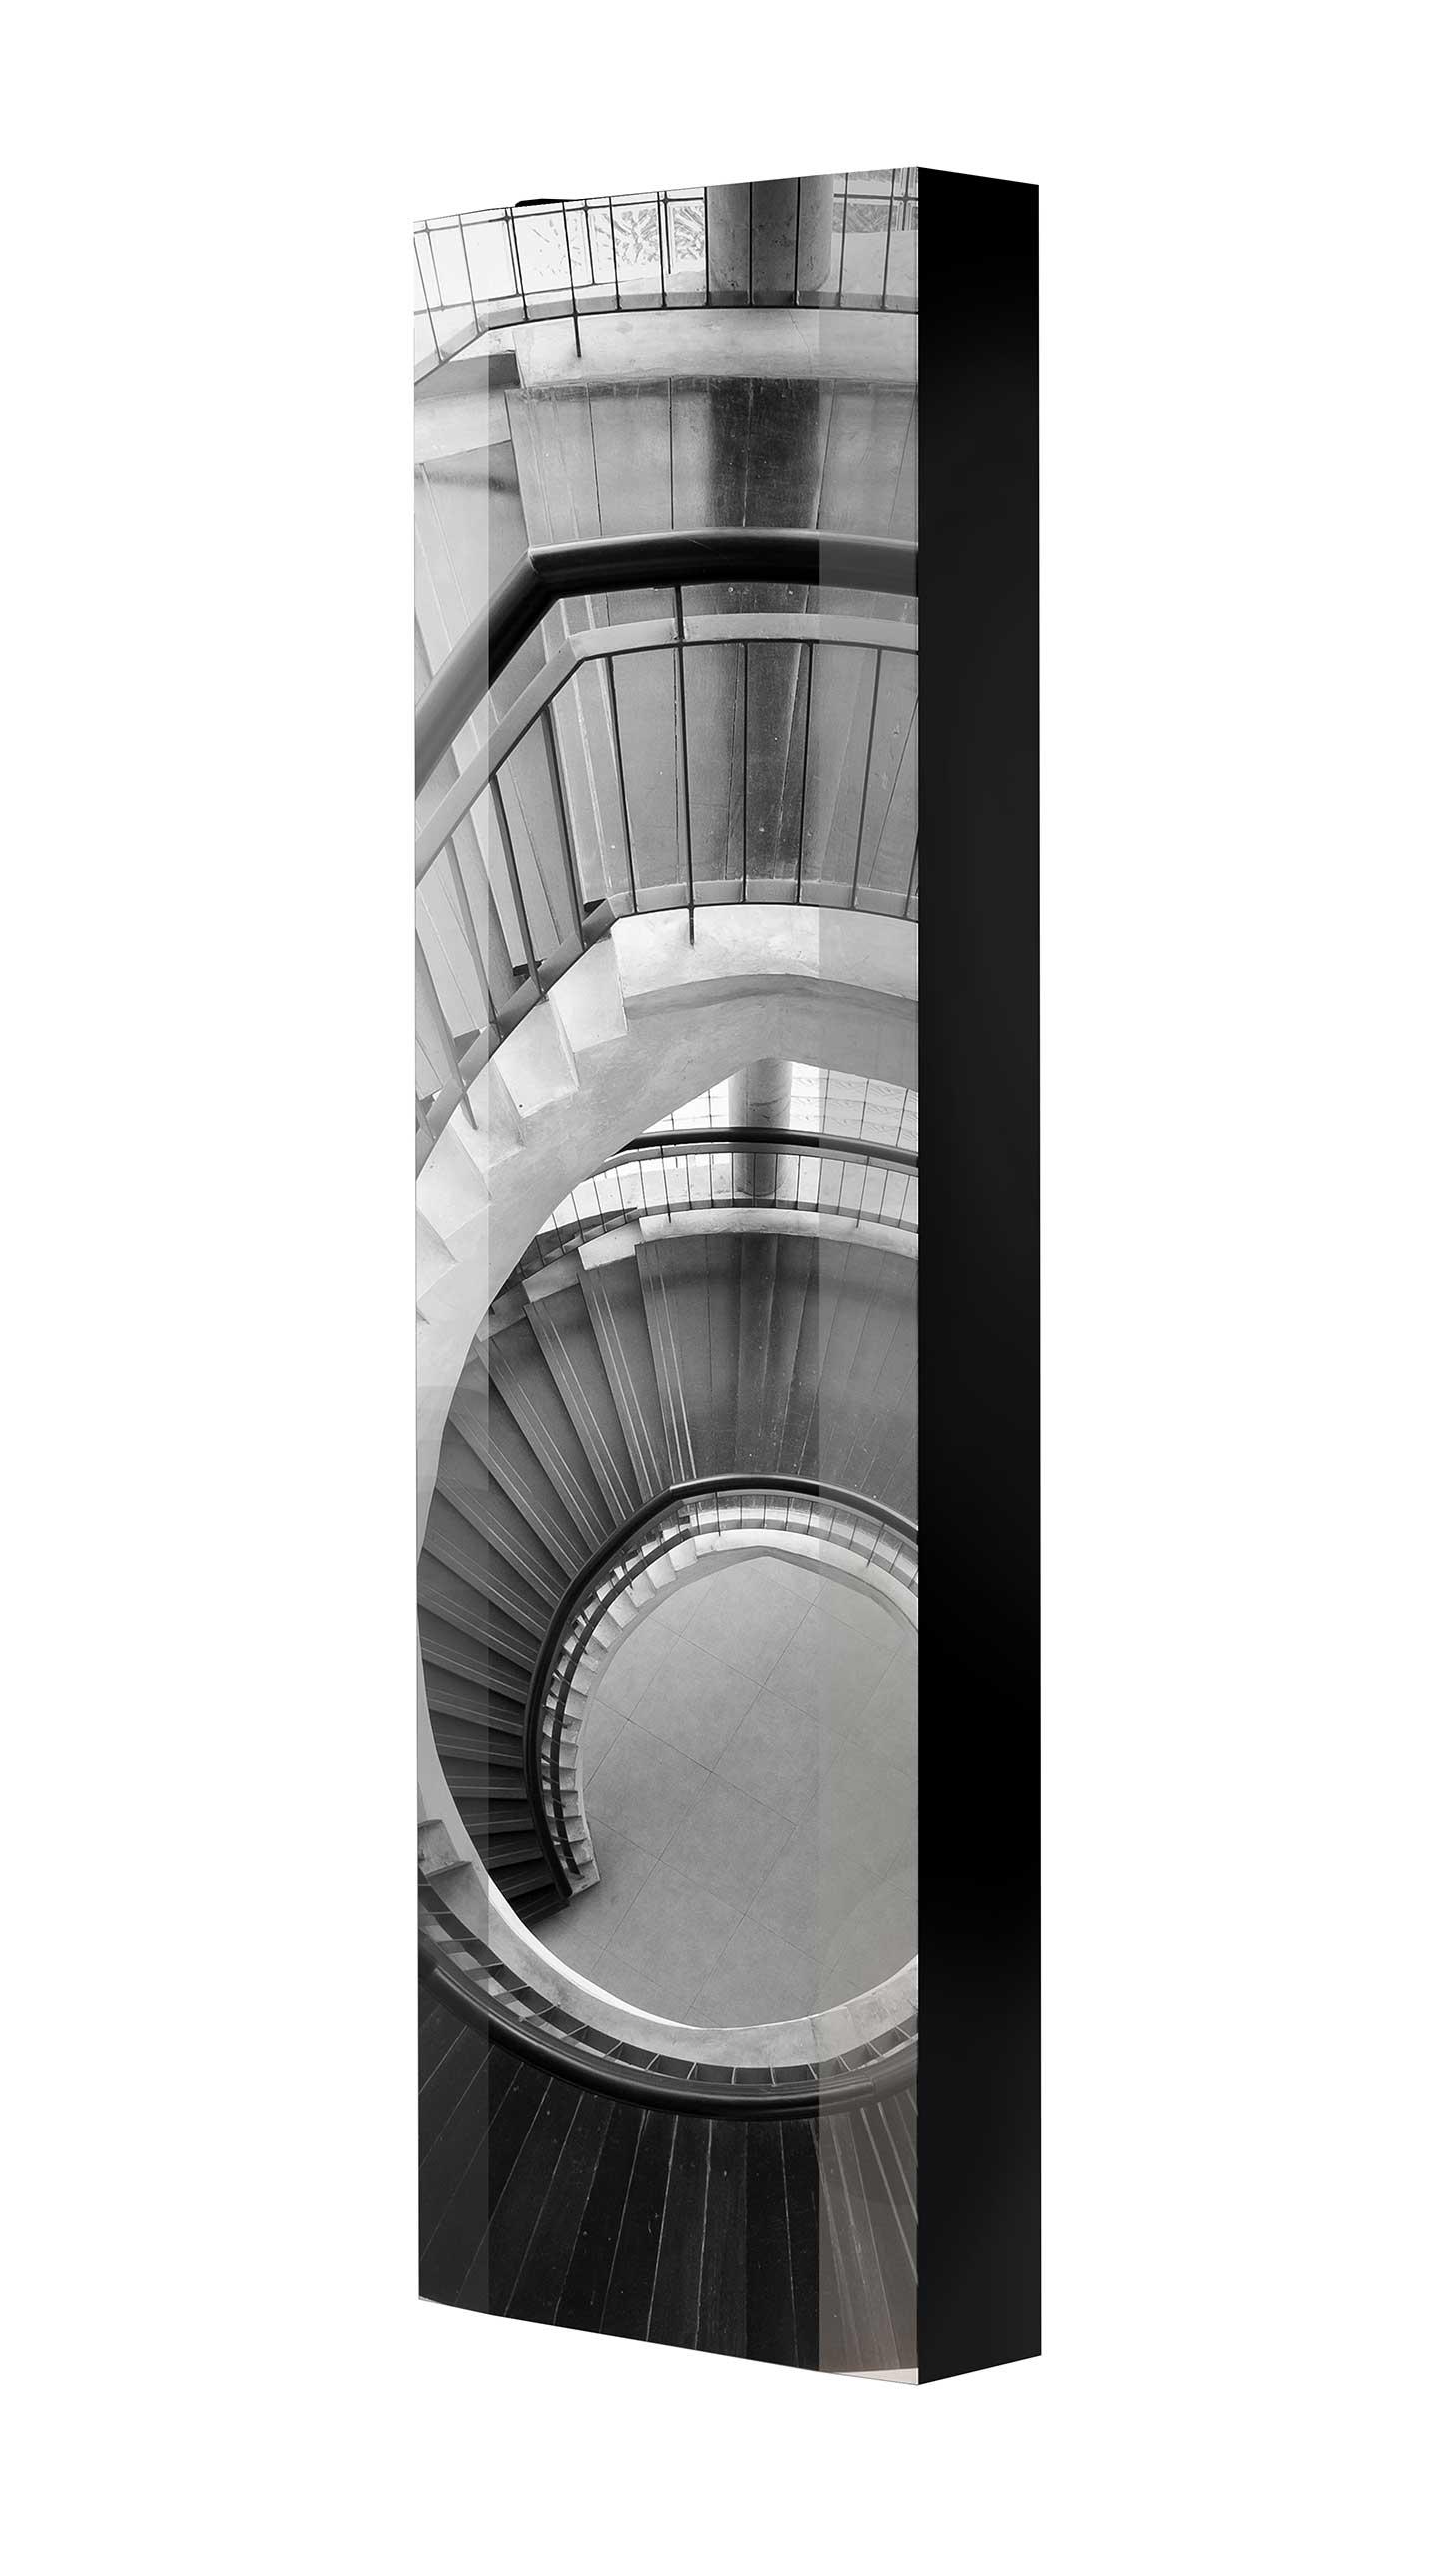 Schuhschrank FLASH 450 BLACK-EDITION Motivschrank schwarz drehbar M29 Treppe Schwarz-Weiß